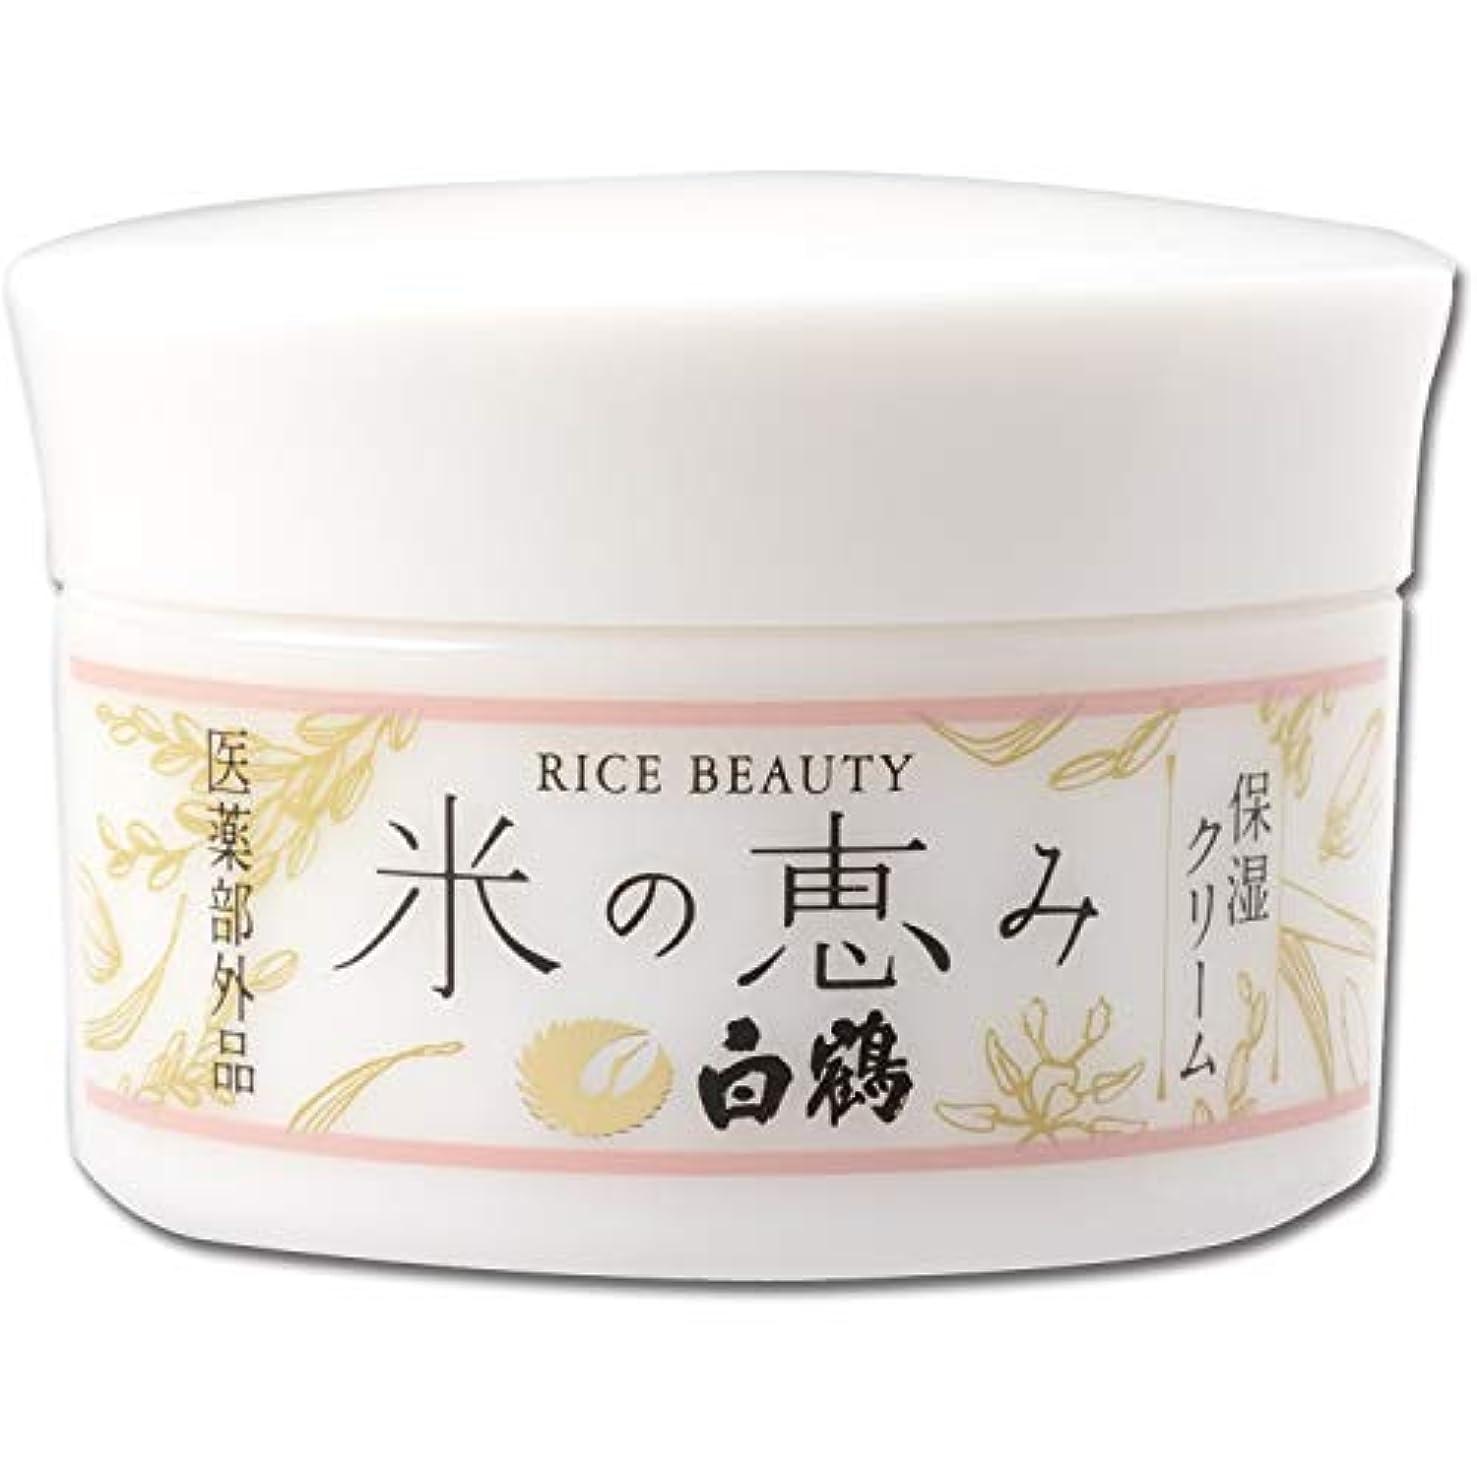 旋回やむを得ない有利白鶴 ライスビューティー 米の恵み 保湿クリーム 48g (医薬部外品)